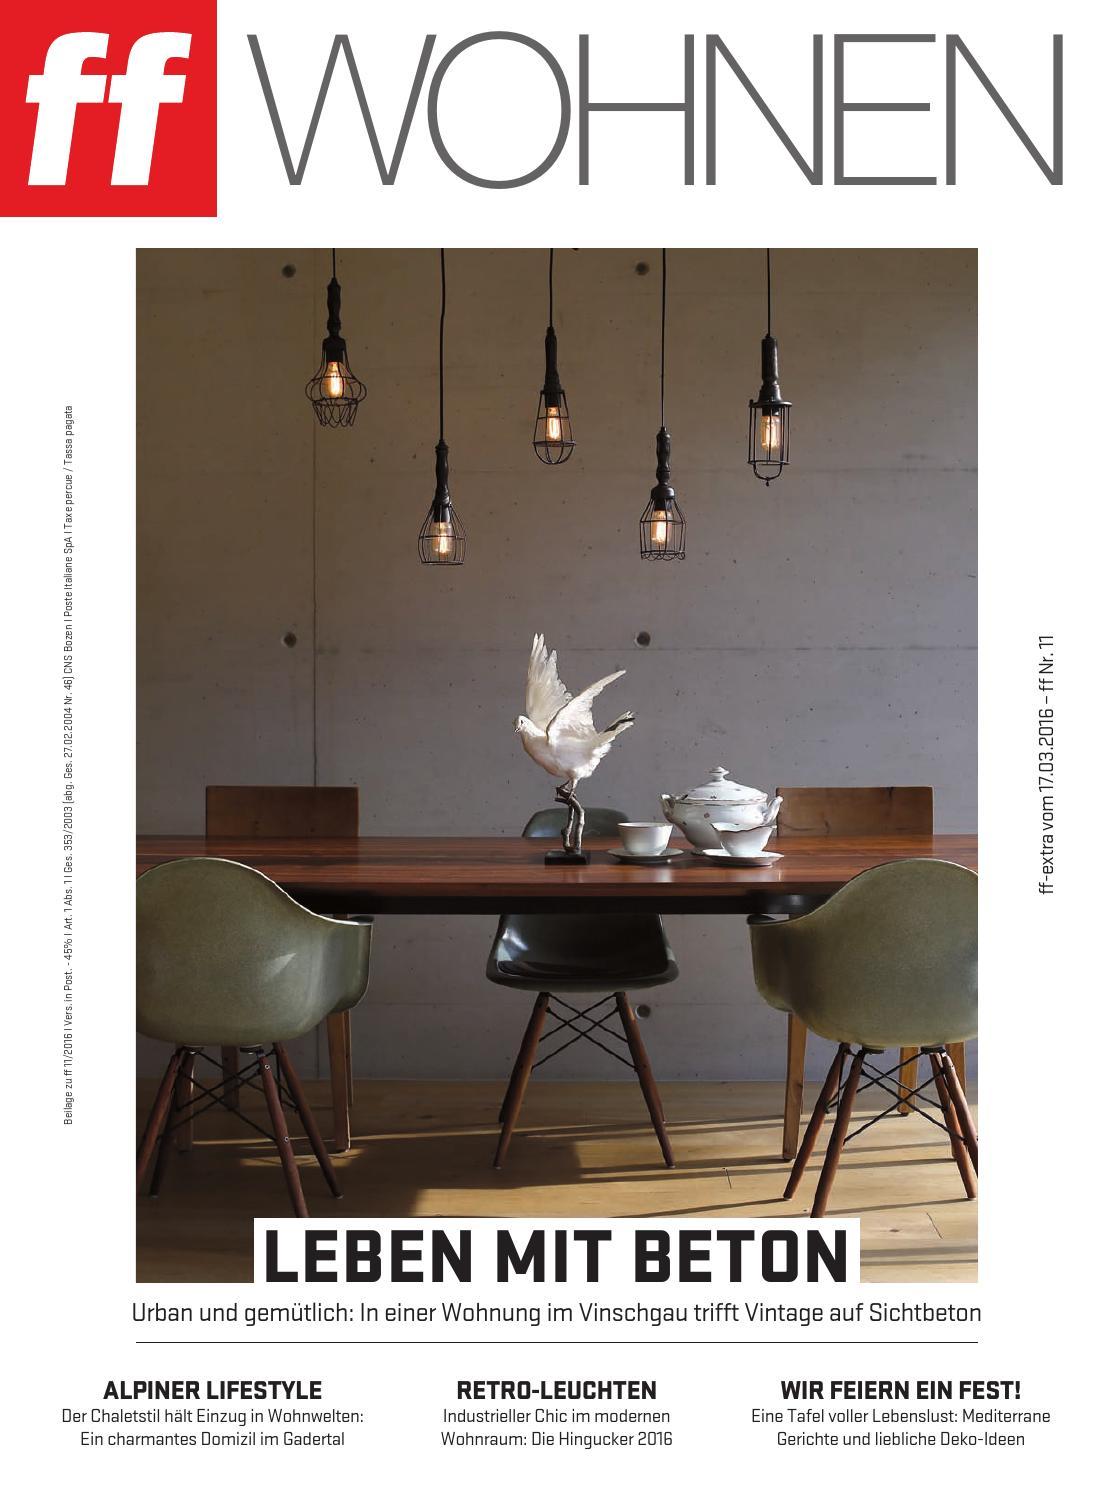 ff Extra Wohnen 11-2016 by FF-Media GmbH - issuu